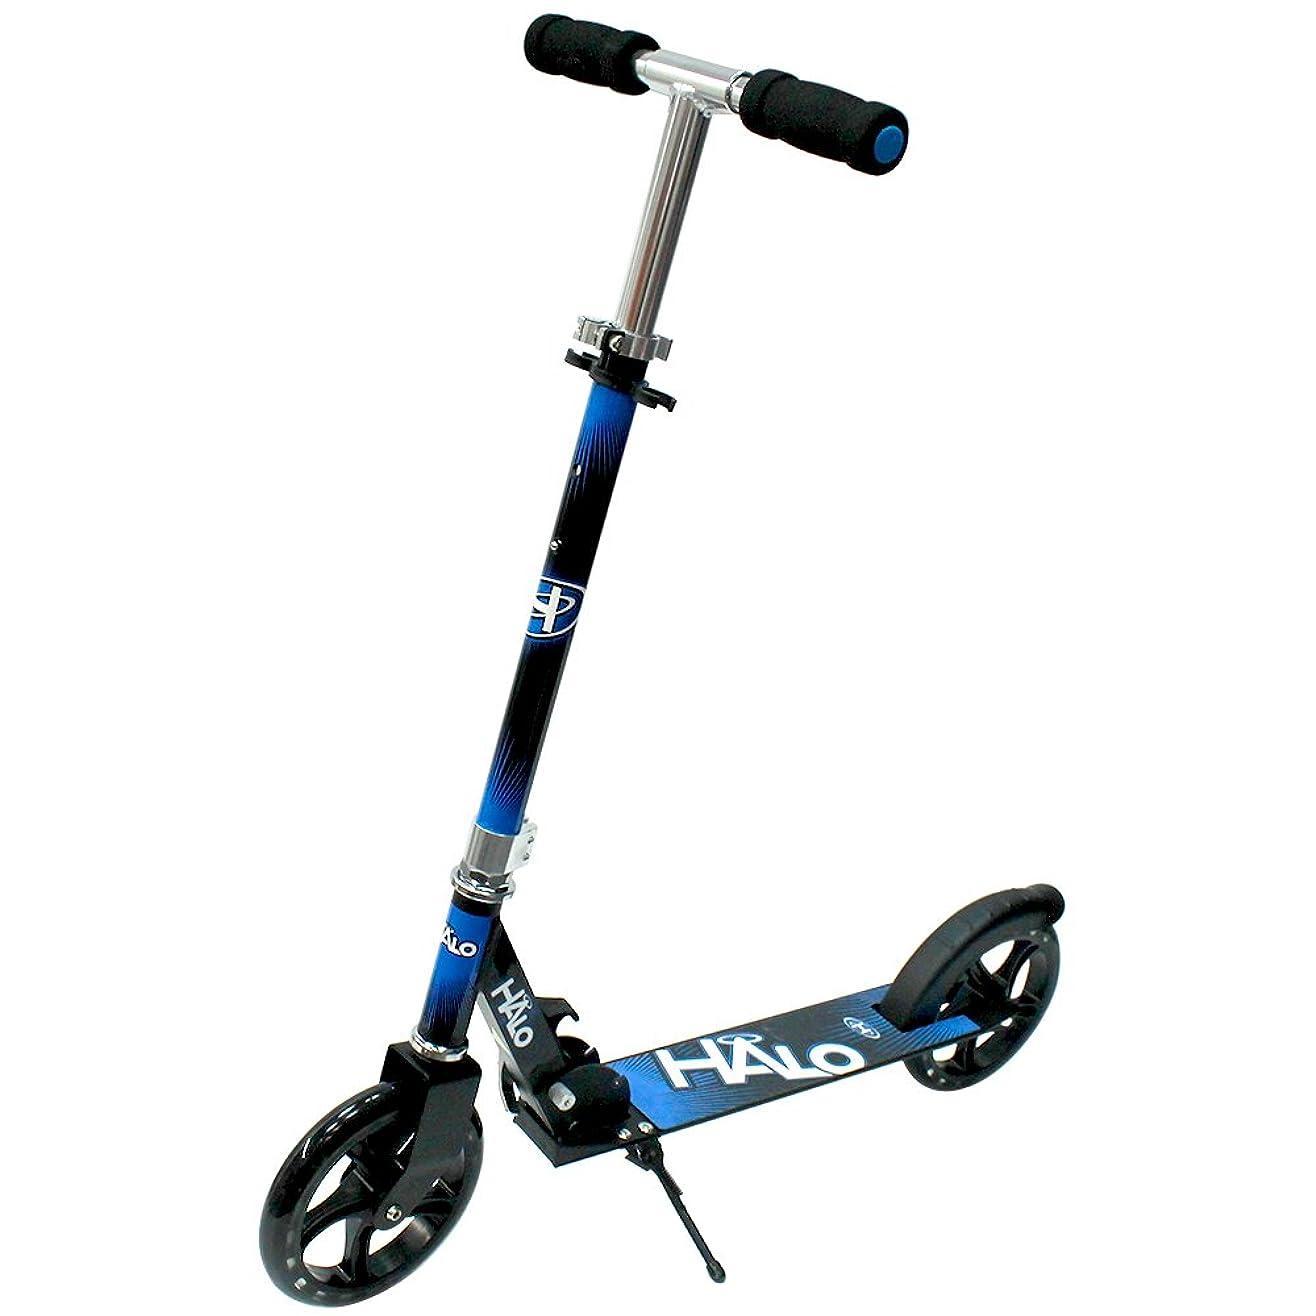 副デザイナーしつけHALO(ハロ) Big Wheels Scooter キックボード キックスケーター [折りたたみ式/フットブレーキ付/ウィールABEC 5] … (ブルー/ブラック)